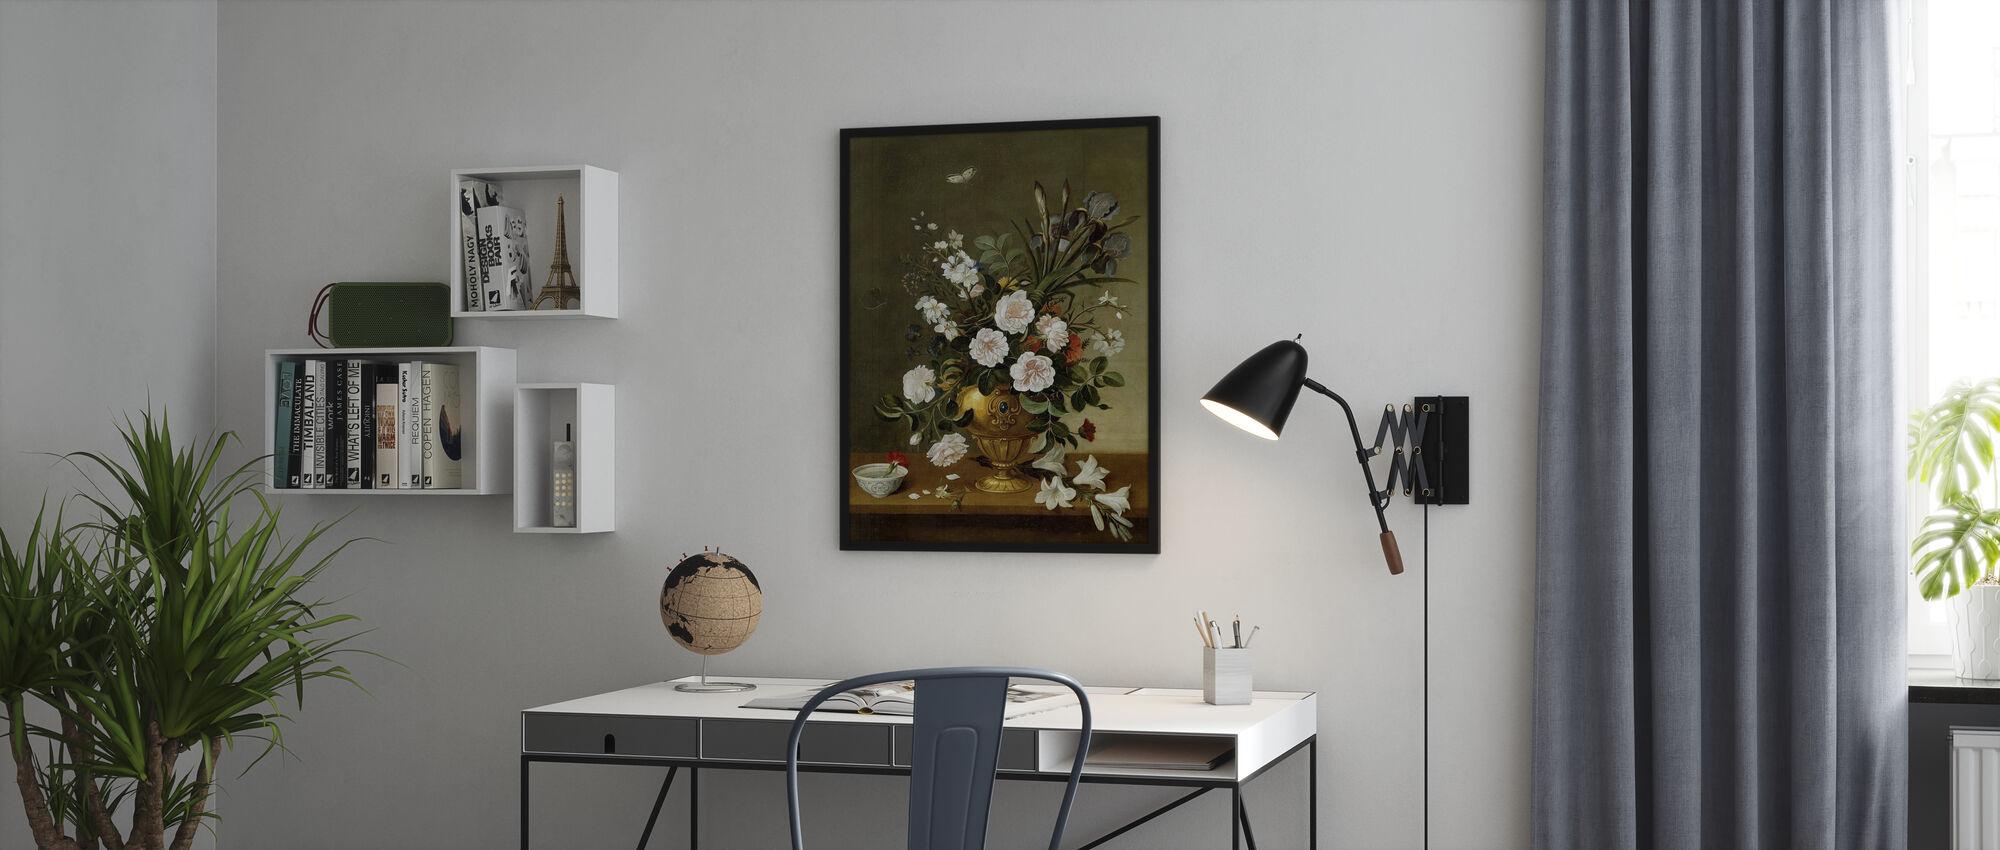 Blomma Vas Målning - Pedro Camprobin - Poster - Kontor